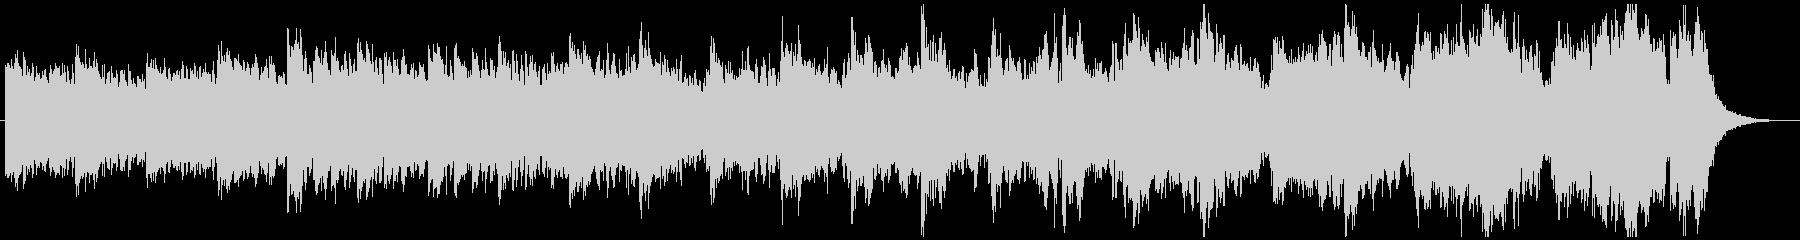 電気音響シンフォニー 劇的な 厳S...の未再生の波形